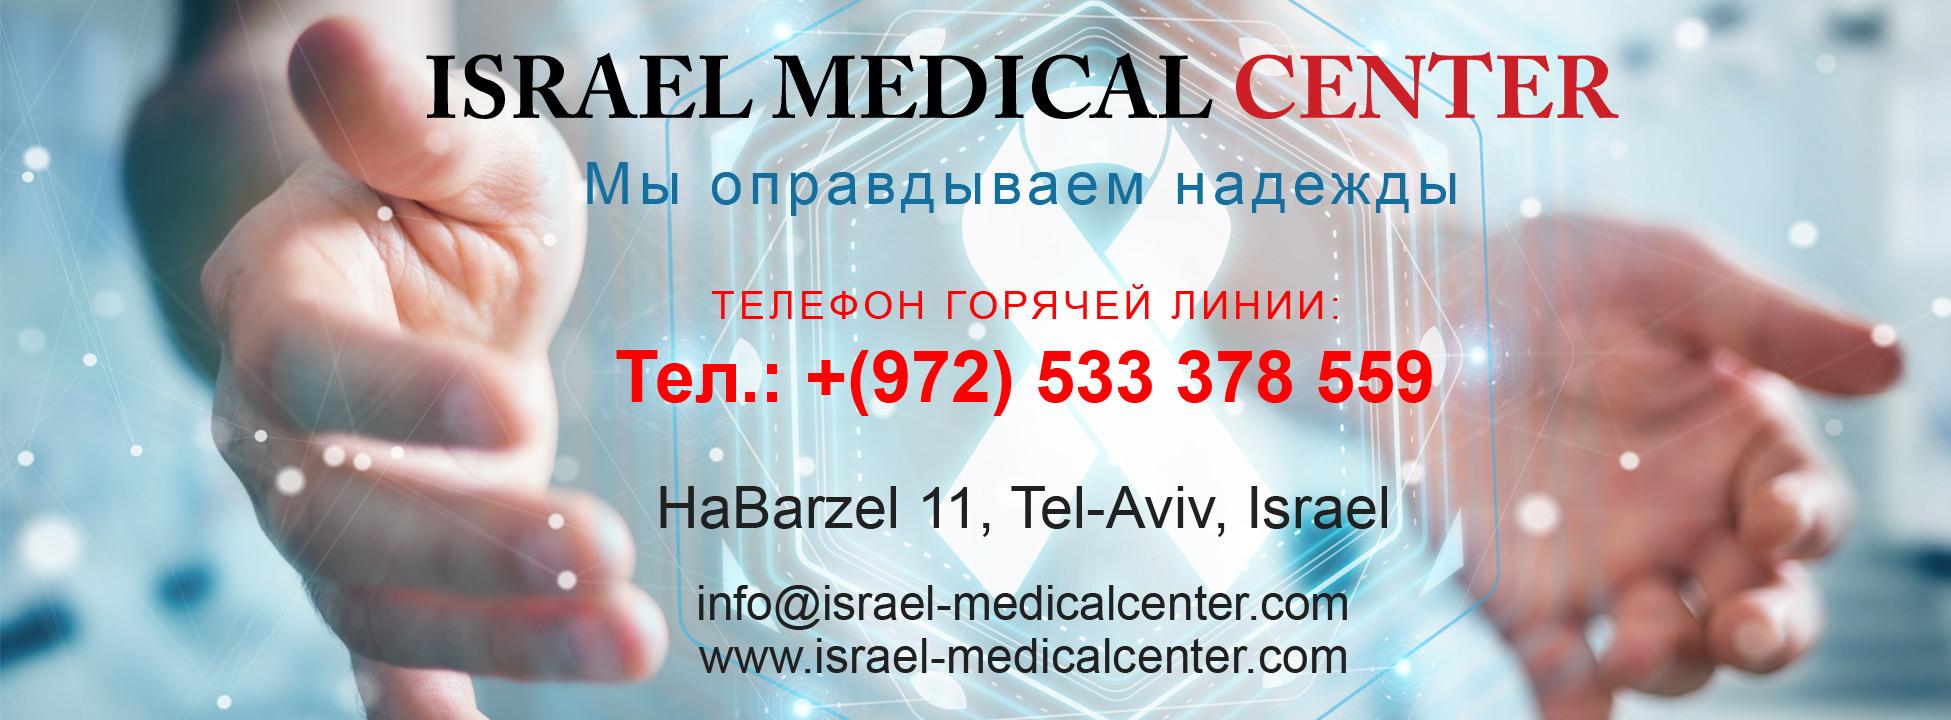 Полное медицинское сопровождение в Израиле